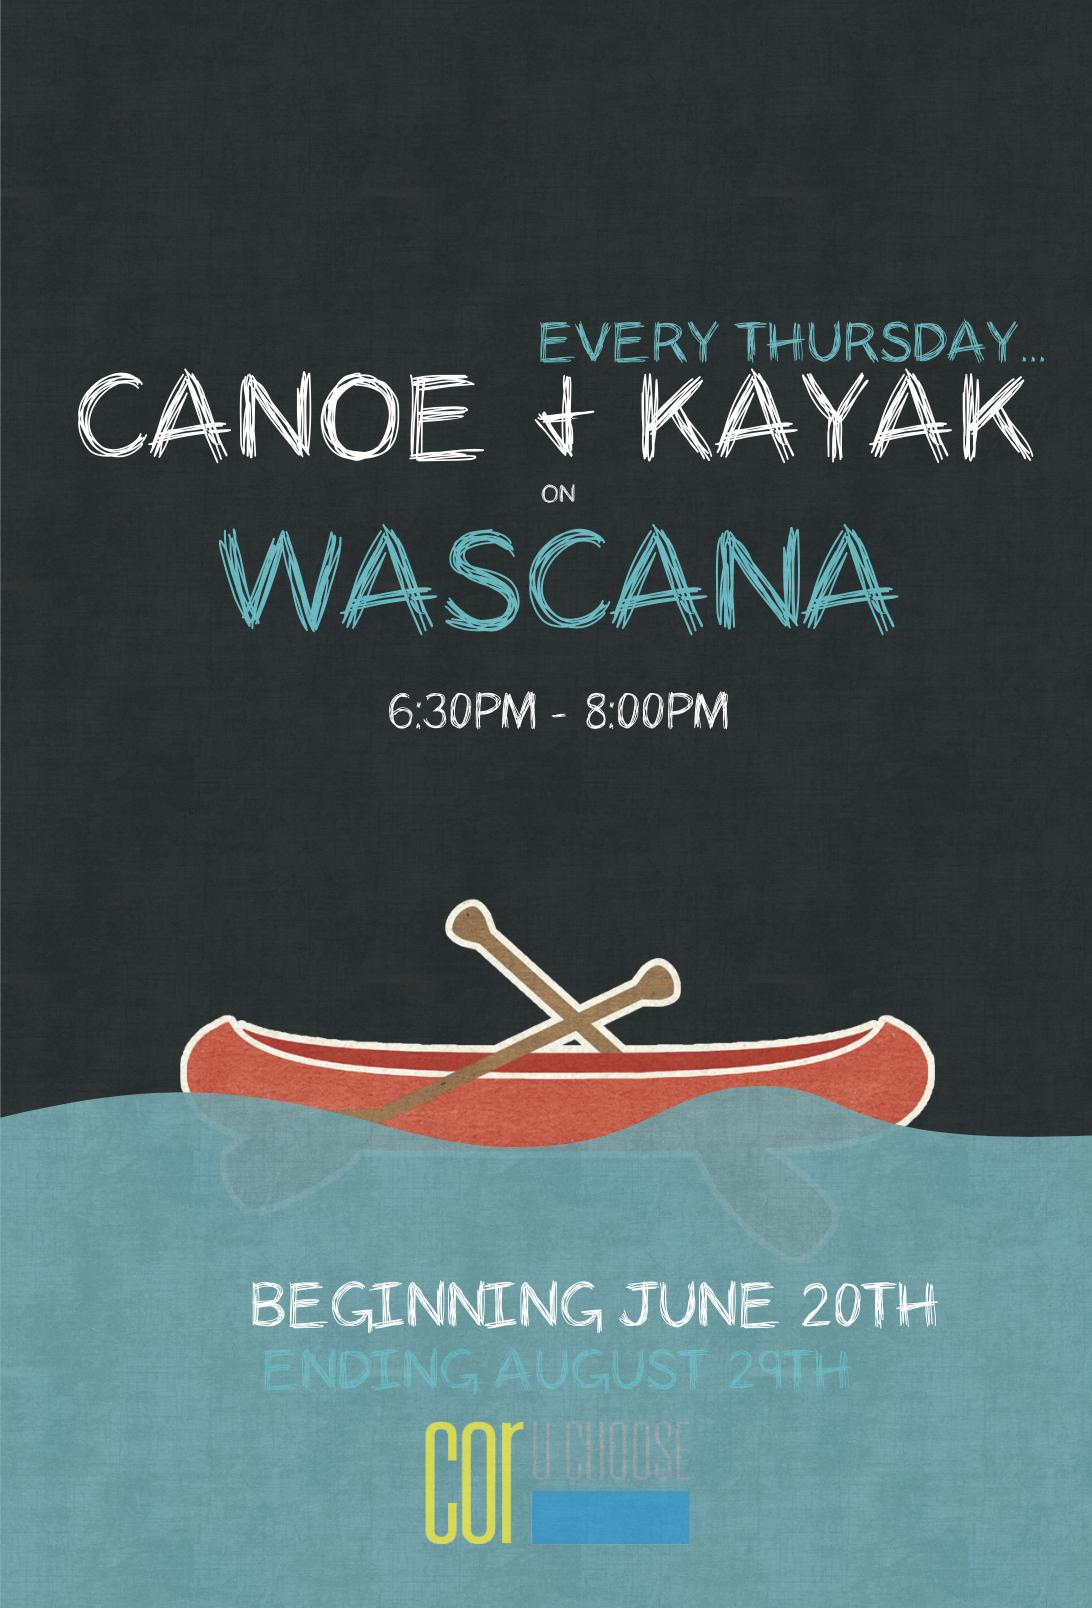 Canoe & Kayak Wascana